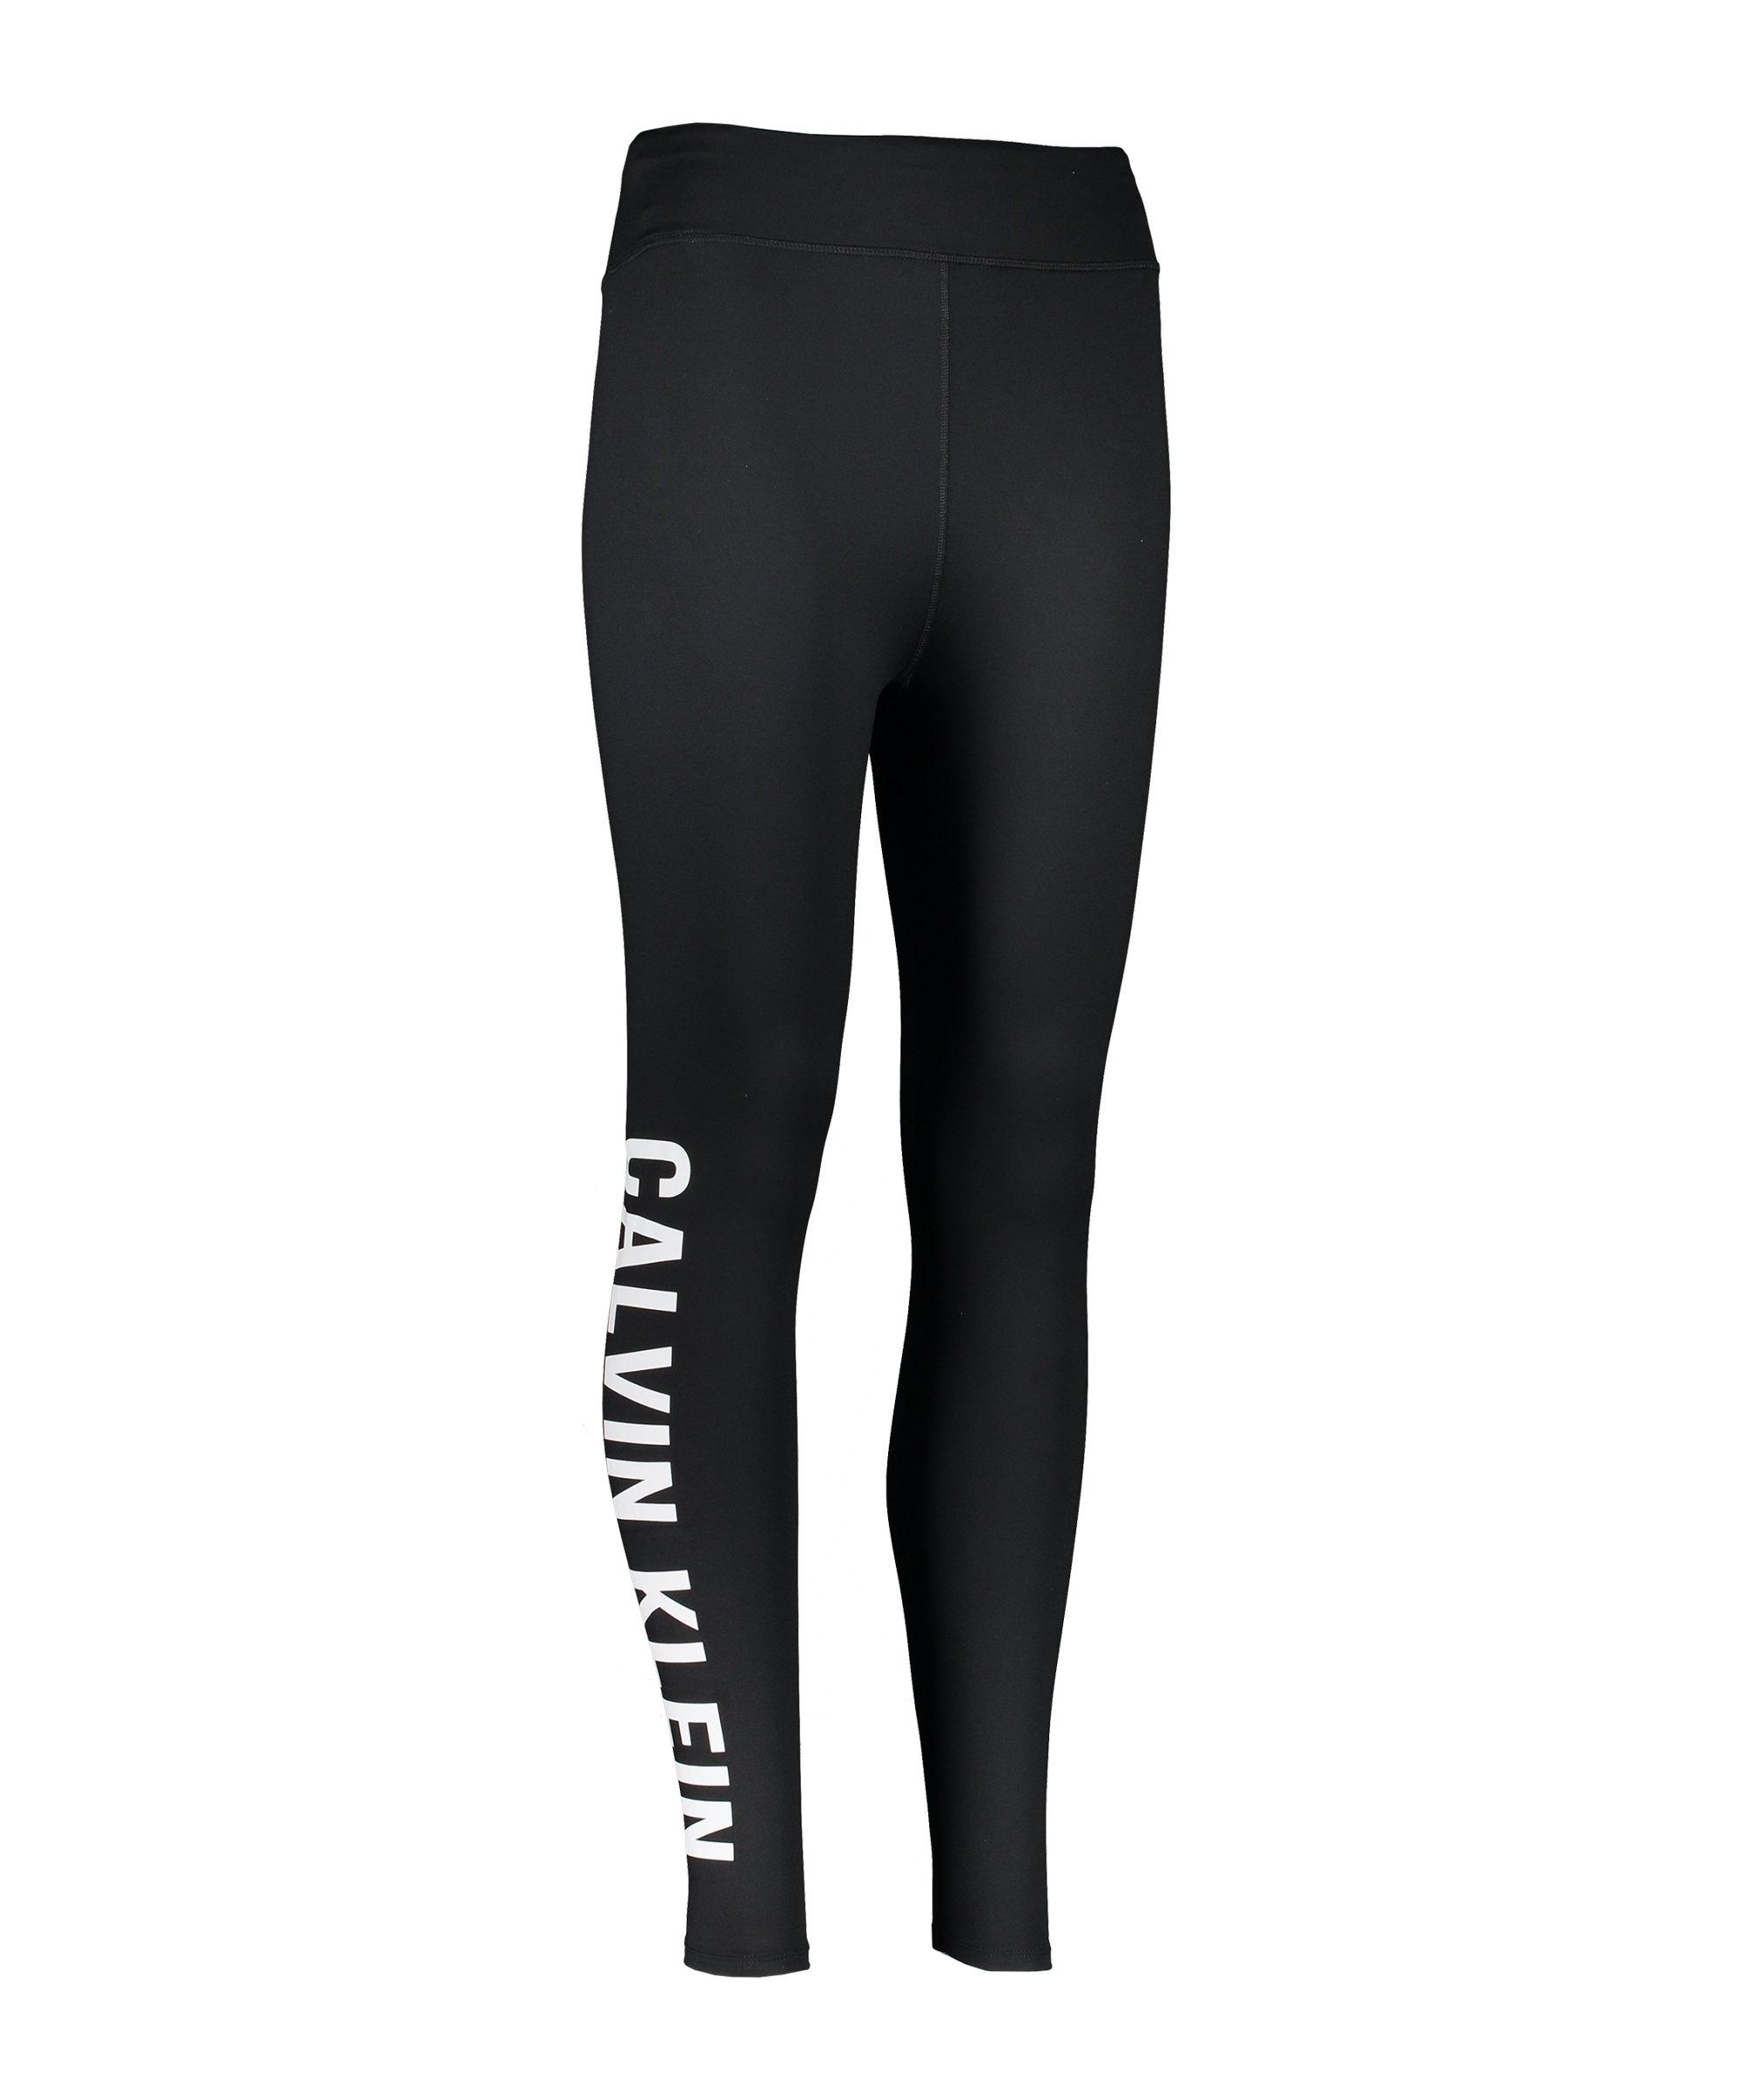 Calvin Klein Leggings Damen Schwarz Weiss F010 - schwarz